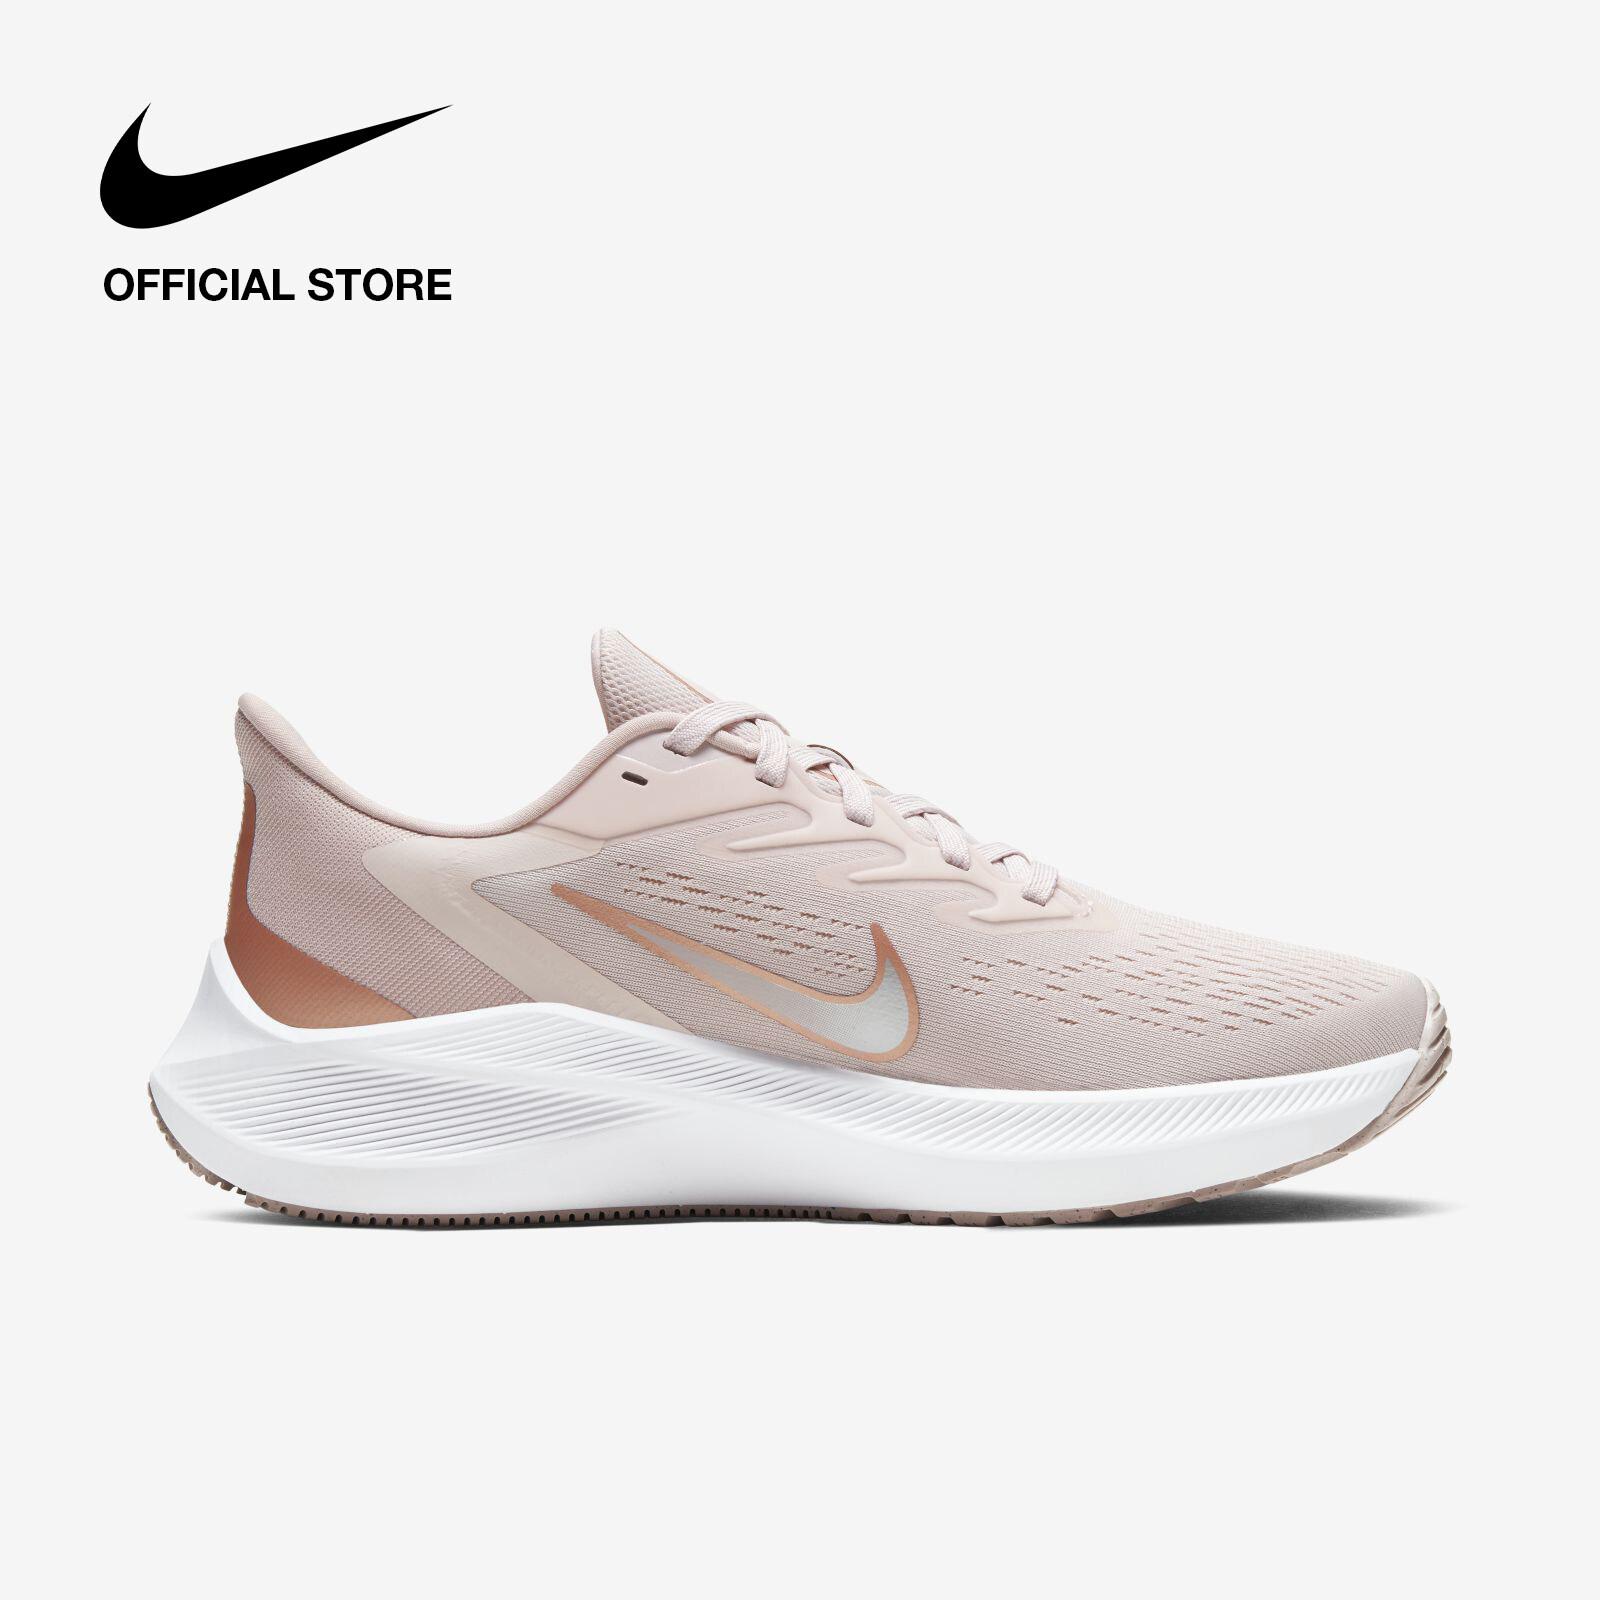 รีวิว Nike Women's Zoom Winflo 7 Running Shoes - Barely Rose ไนกี้ รองเท้าวิ่งผู้หญิง ซูม วินโฟล 7 - สีชมพู